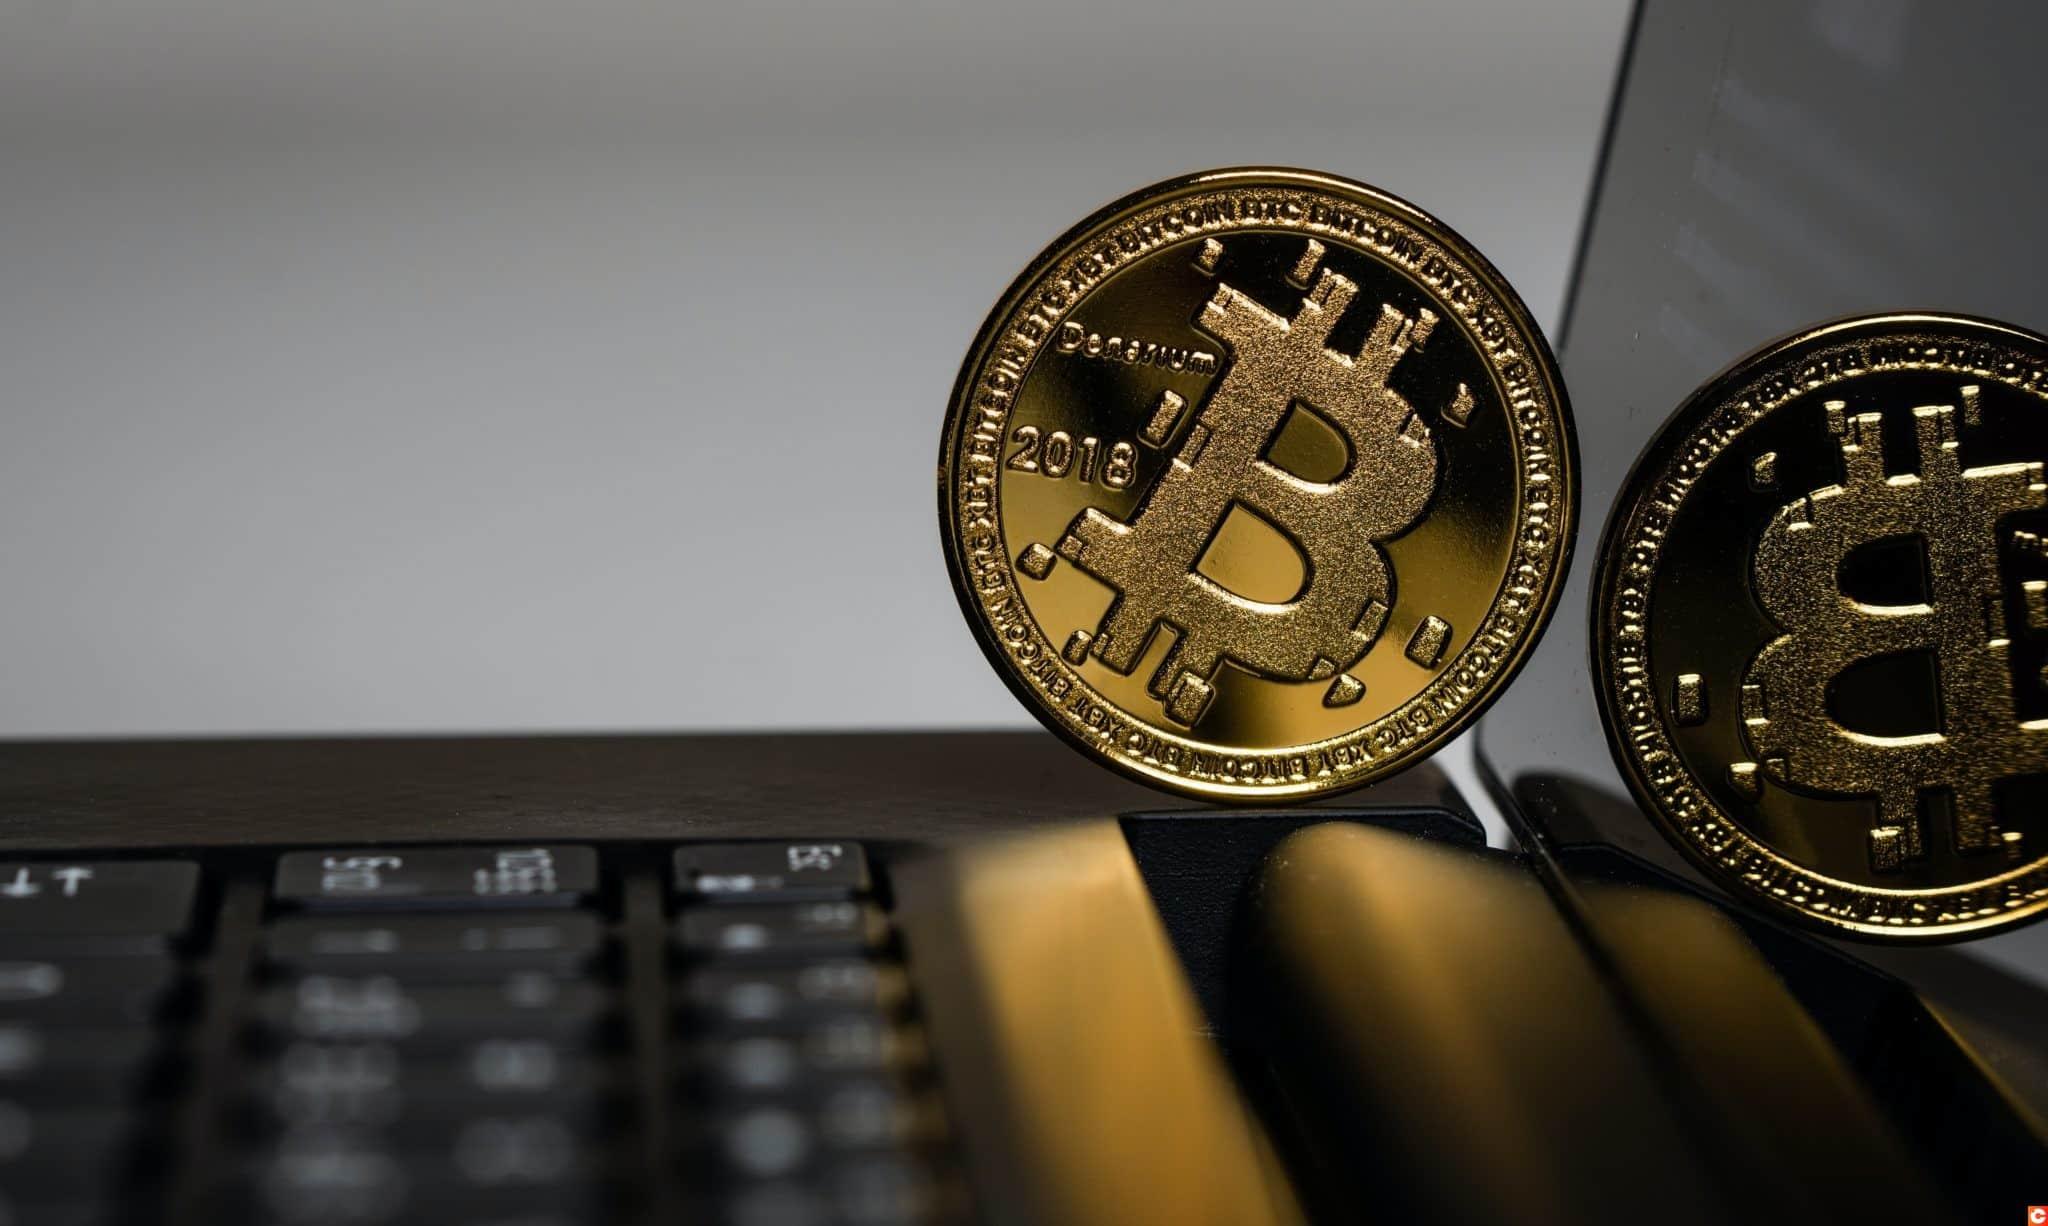 știți despre bitcoin bitcoin trader dieter bohlen